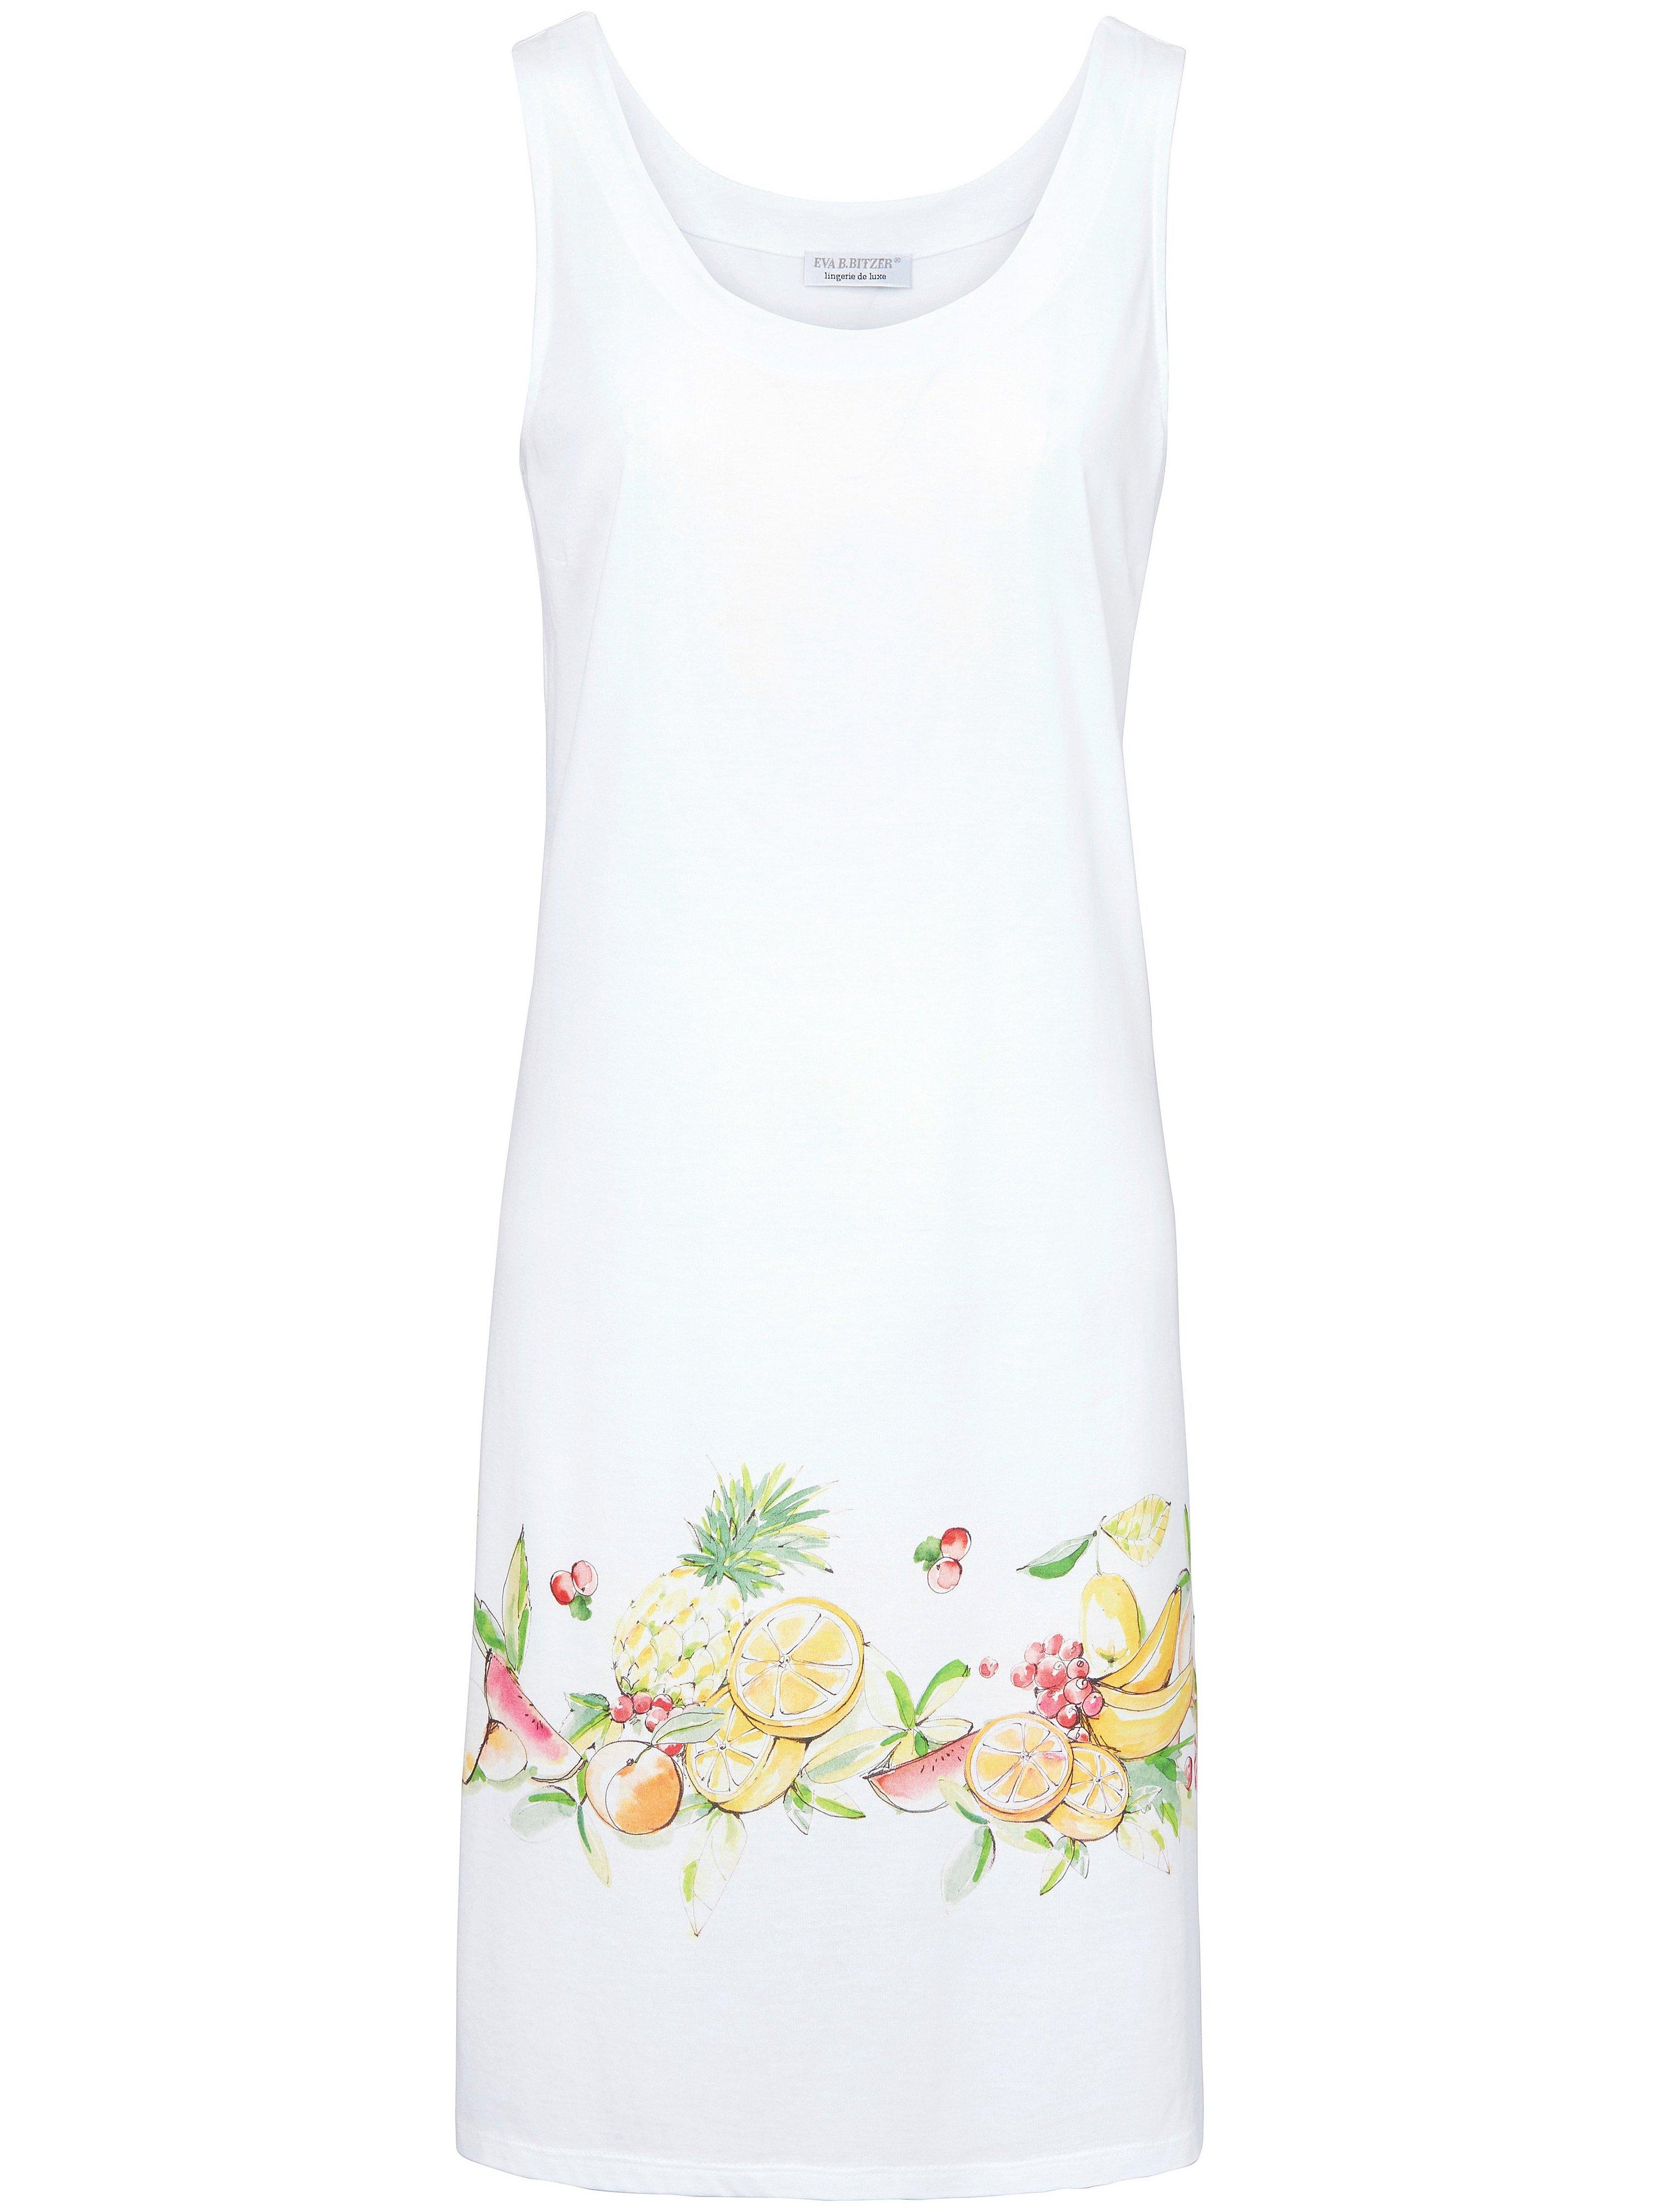 La chemise nuit single jersey doux  Eva B. Bitzer multicolore taille 44